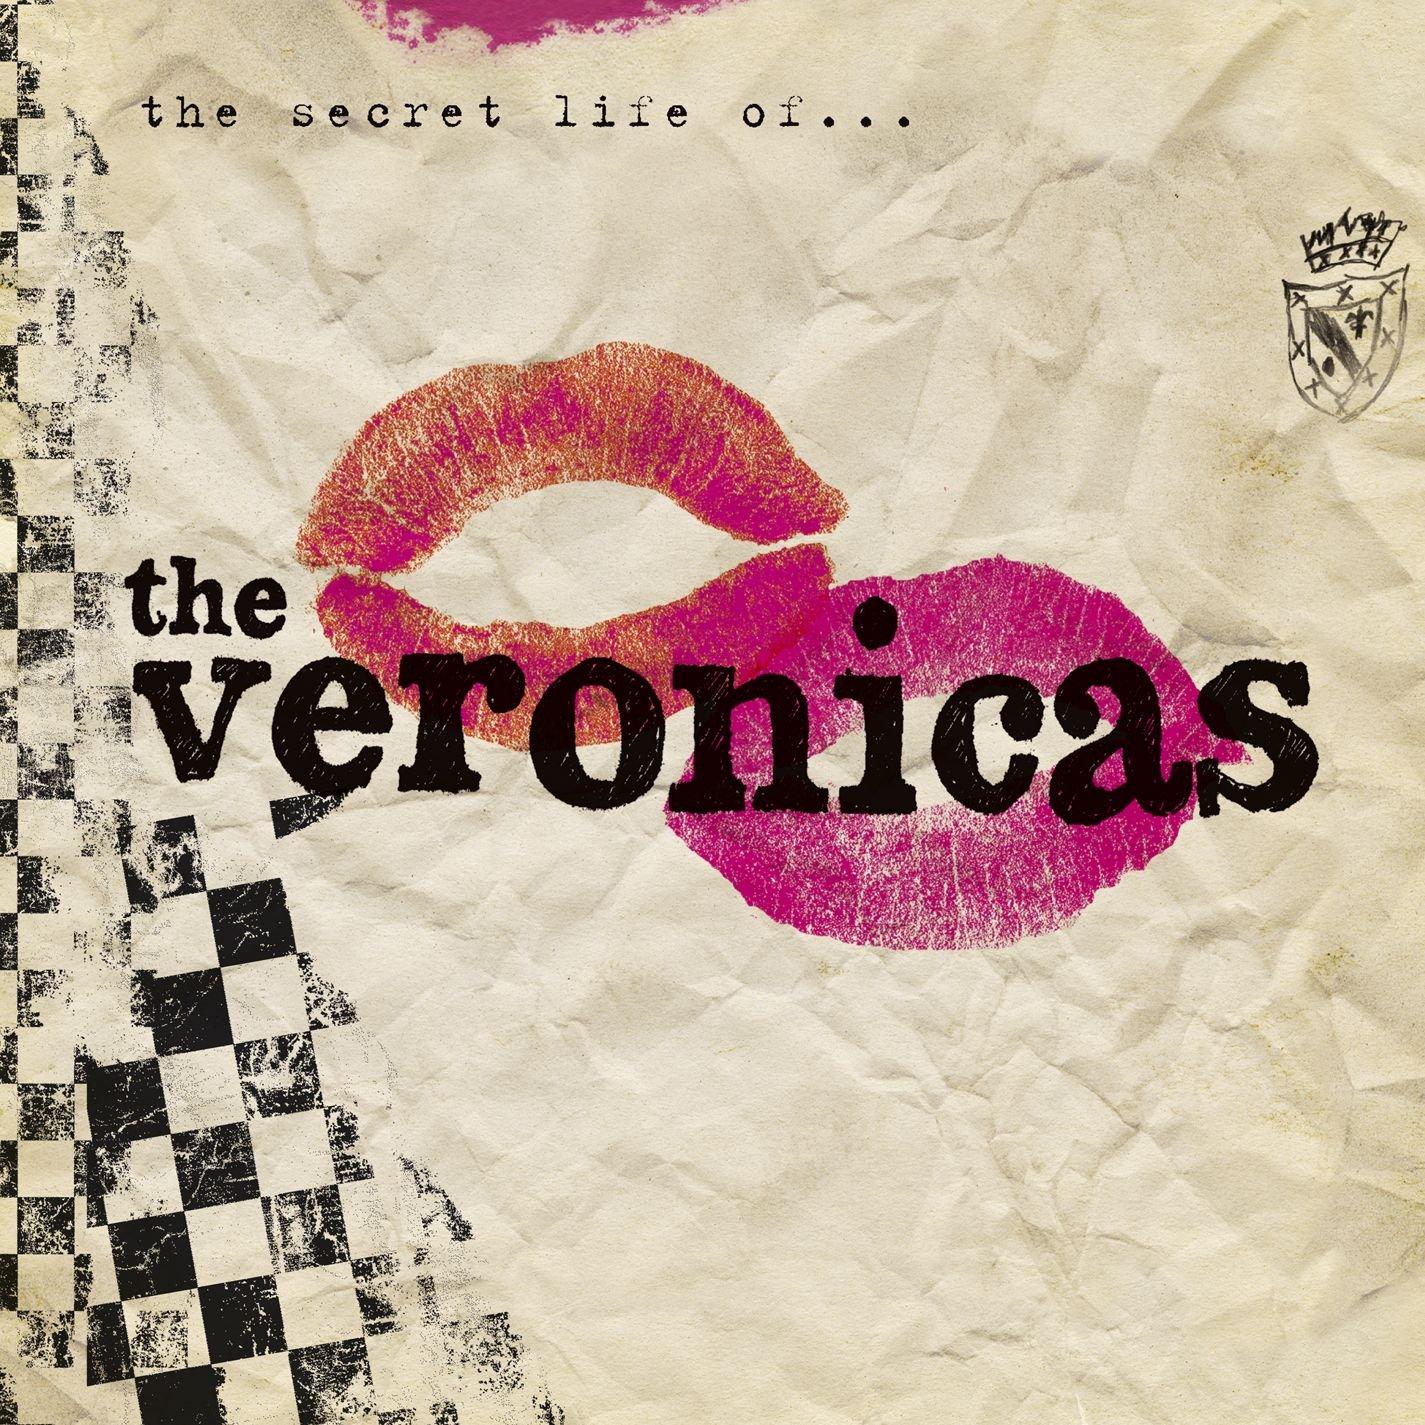 The Veronicas, The Secret Life of the Veronicas